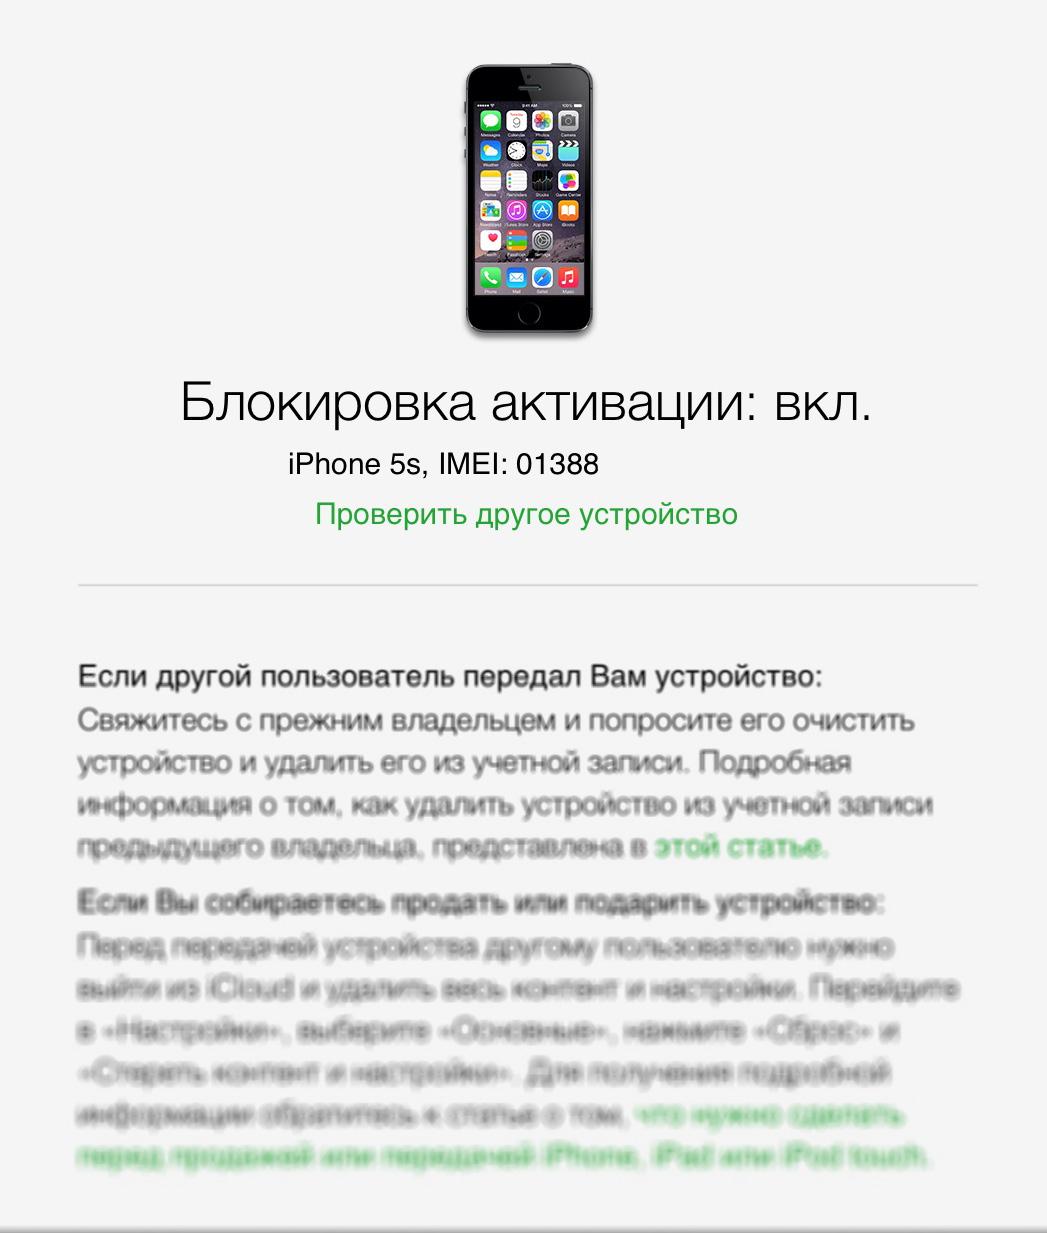 Результат проверки статуса блокировки активации iPhone